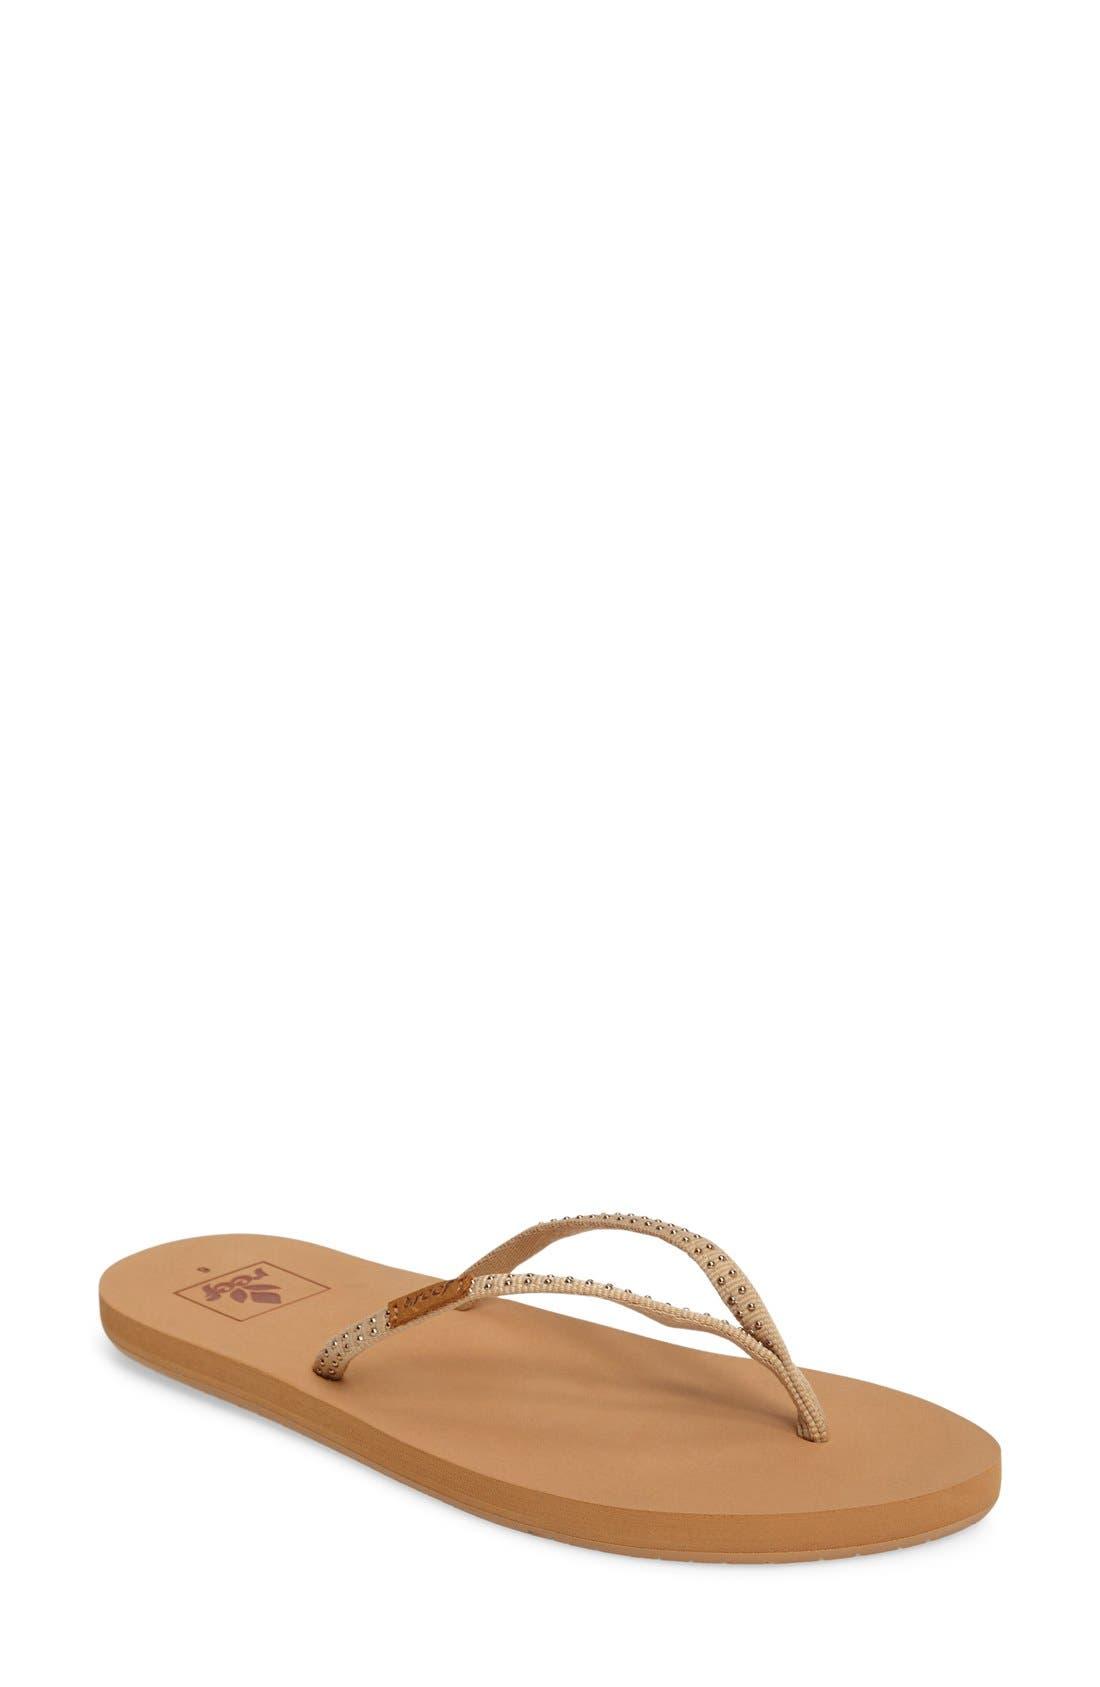 'Slim Ginger' Studded Flip Flop,                         Main,                         color, Tan